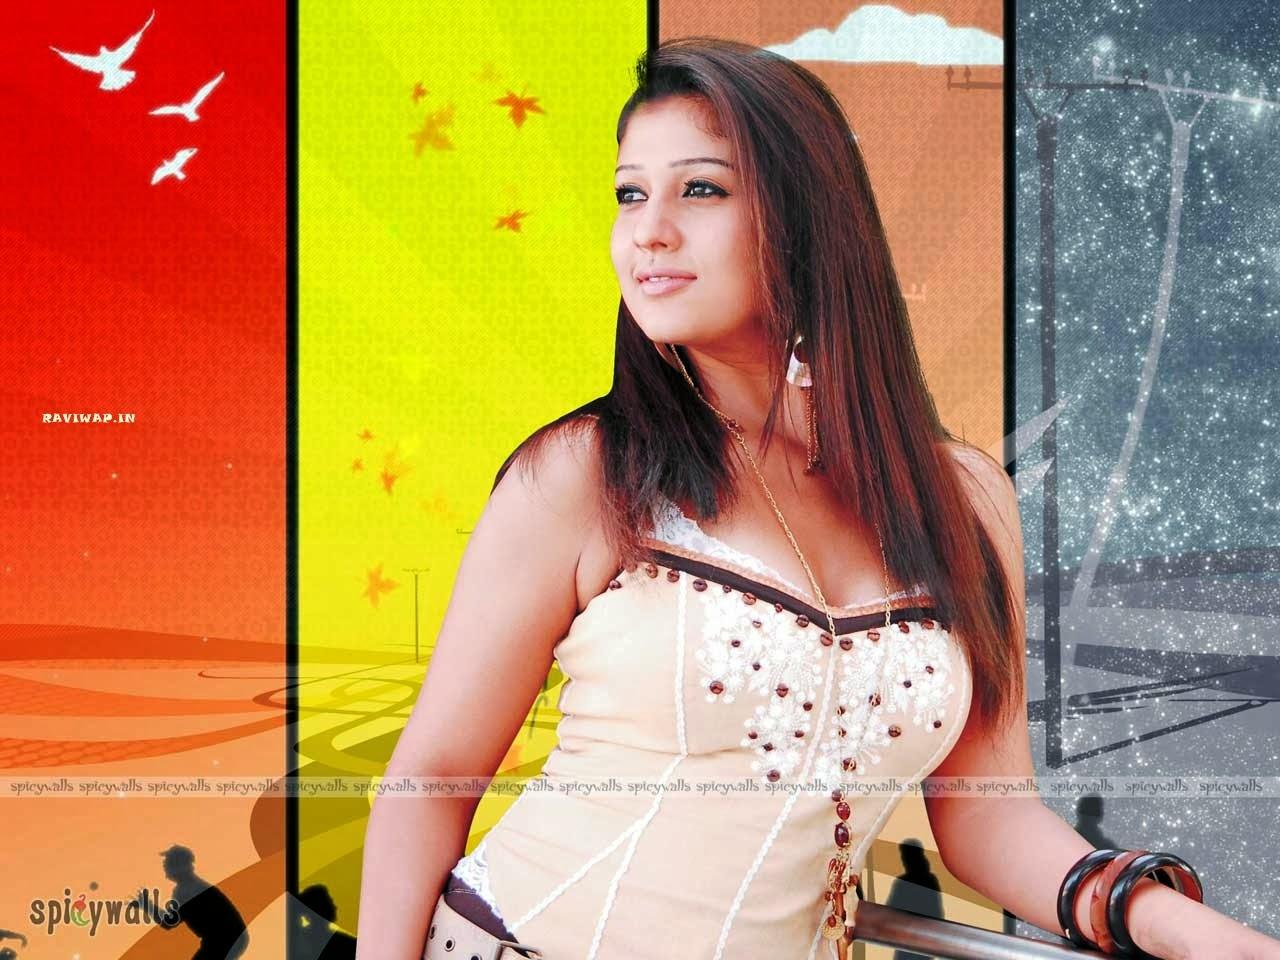 Telugu wap manmadhudu songs baixar